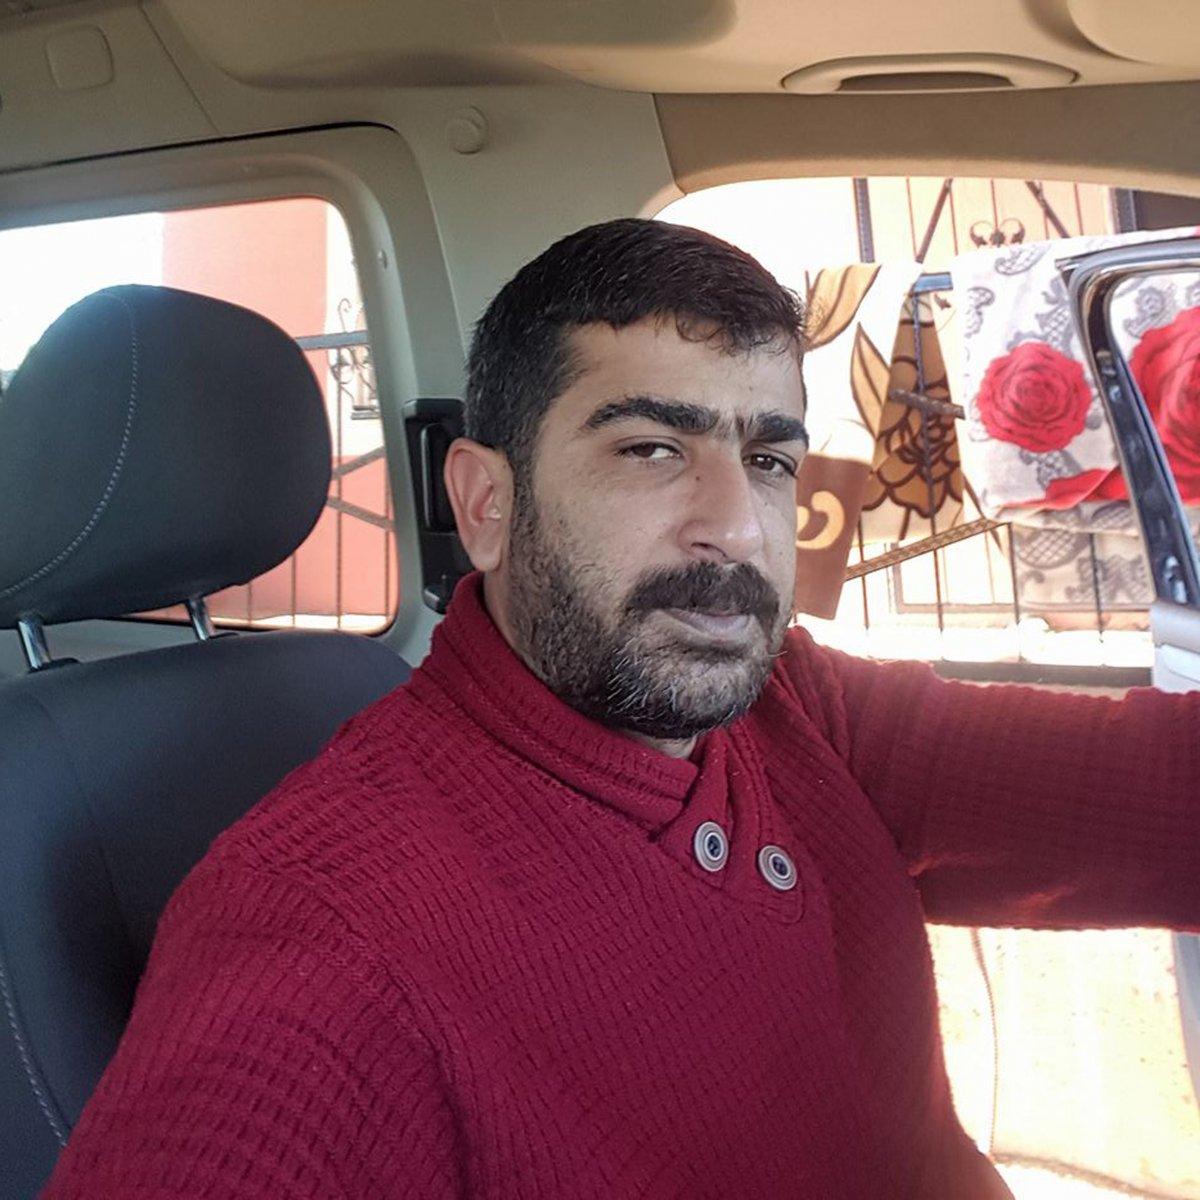 Antalya da sevgilisi öldüren cani 112'yi arayıp 'bir adam kadına sıktı' dedi #3